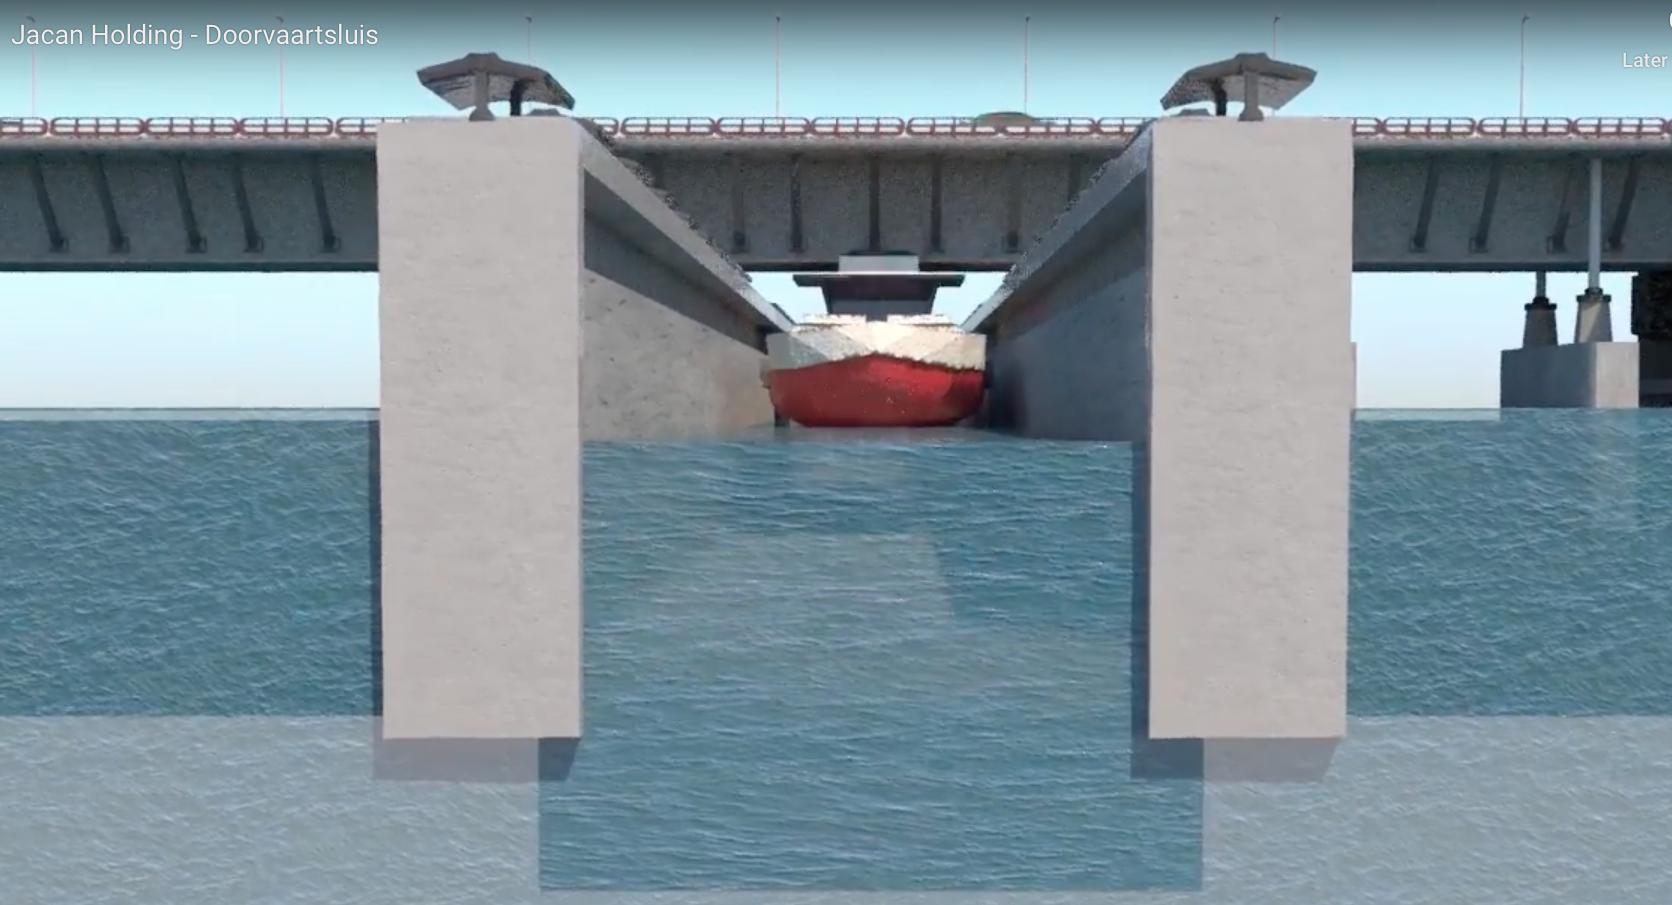 Nooit meer files vanwege geopende bruggen: het kan met de 'doorvaartsluis' van Alkmaarder Jac van Ham [video]